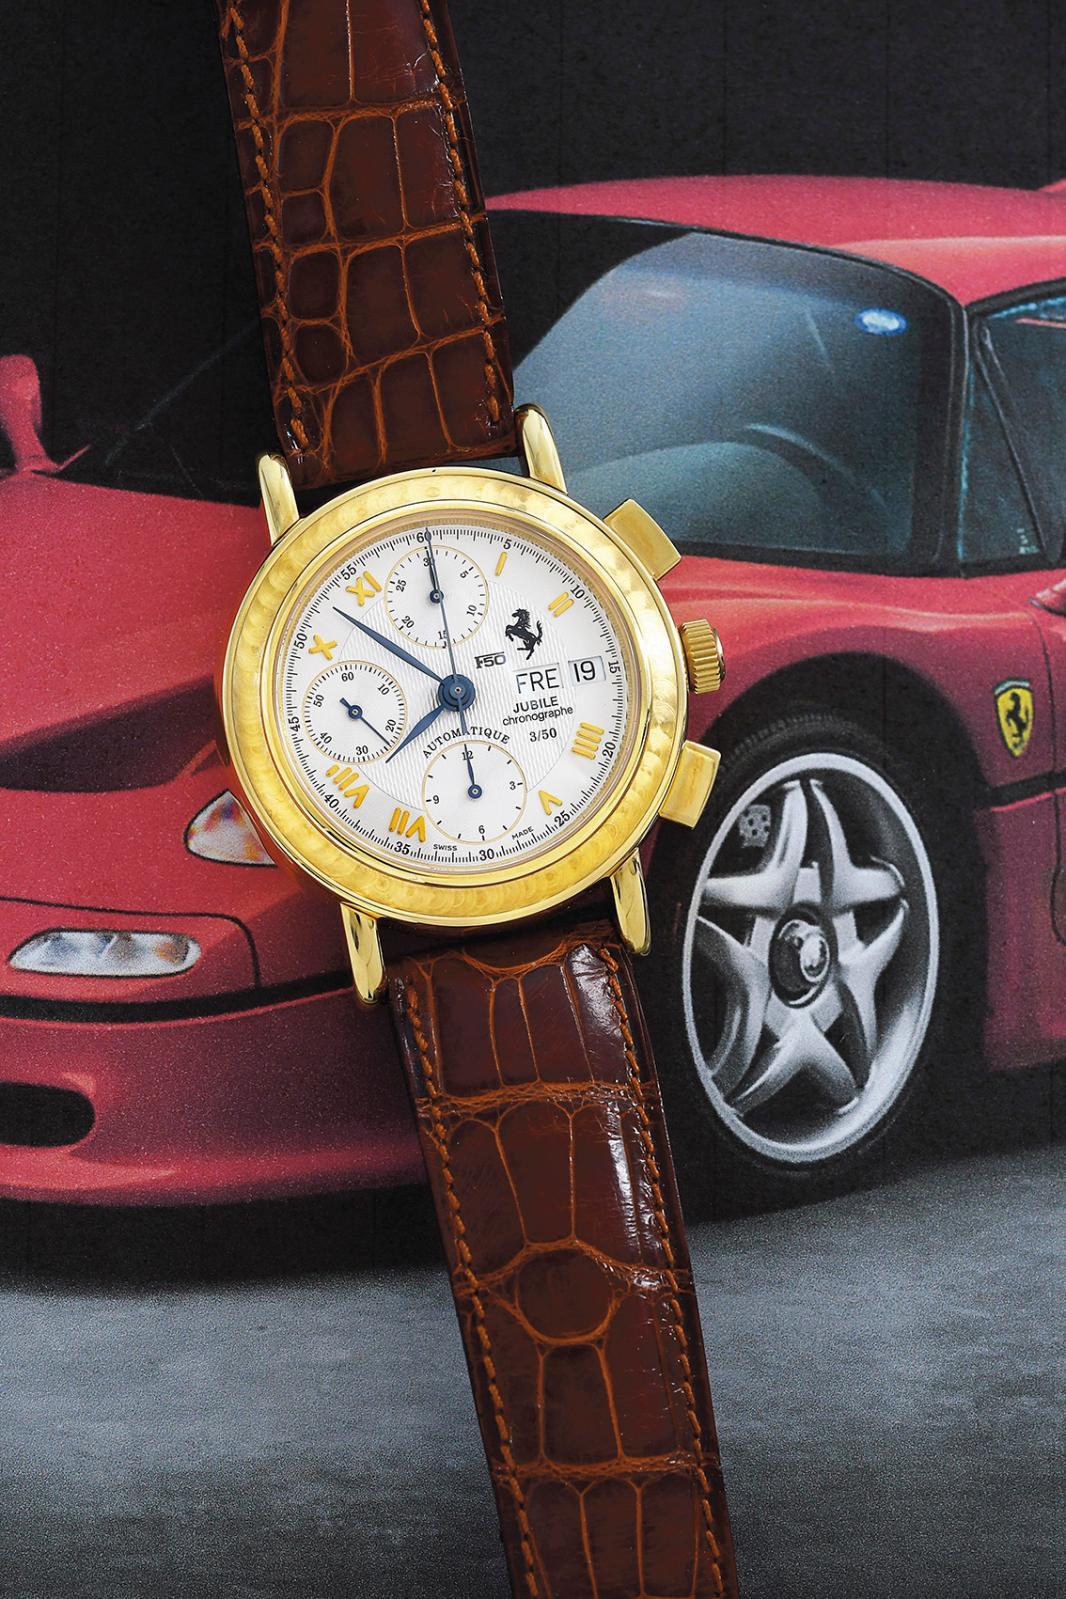 Incontournable: une montre de pilote! Les grandes maisons horlogères veulent toutes fournir les marques automobiles en instruments à l'i